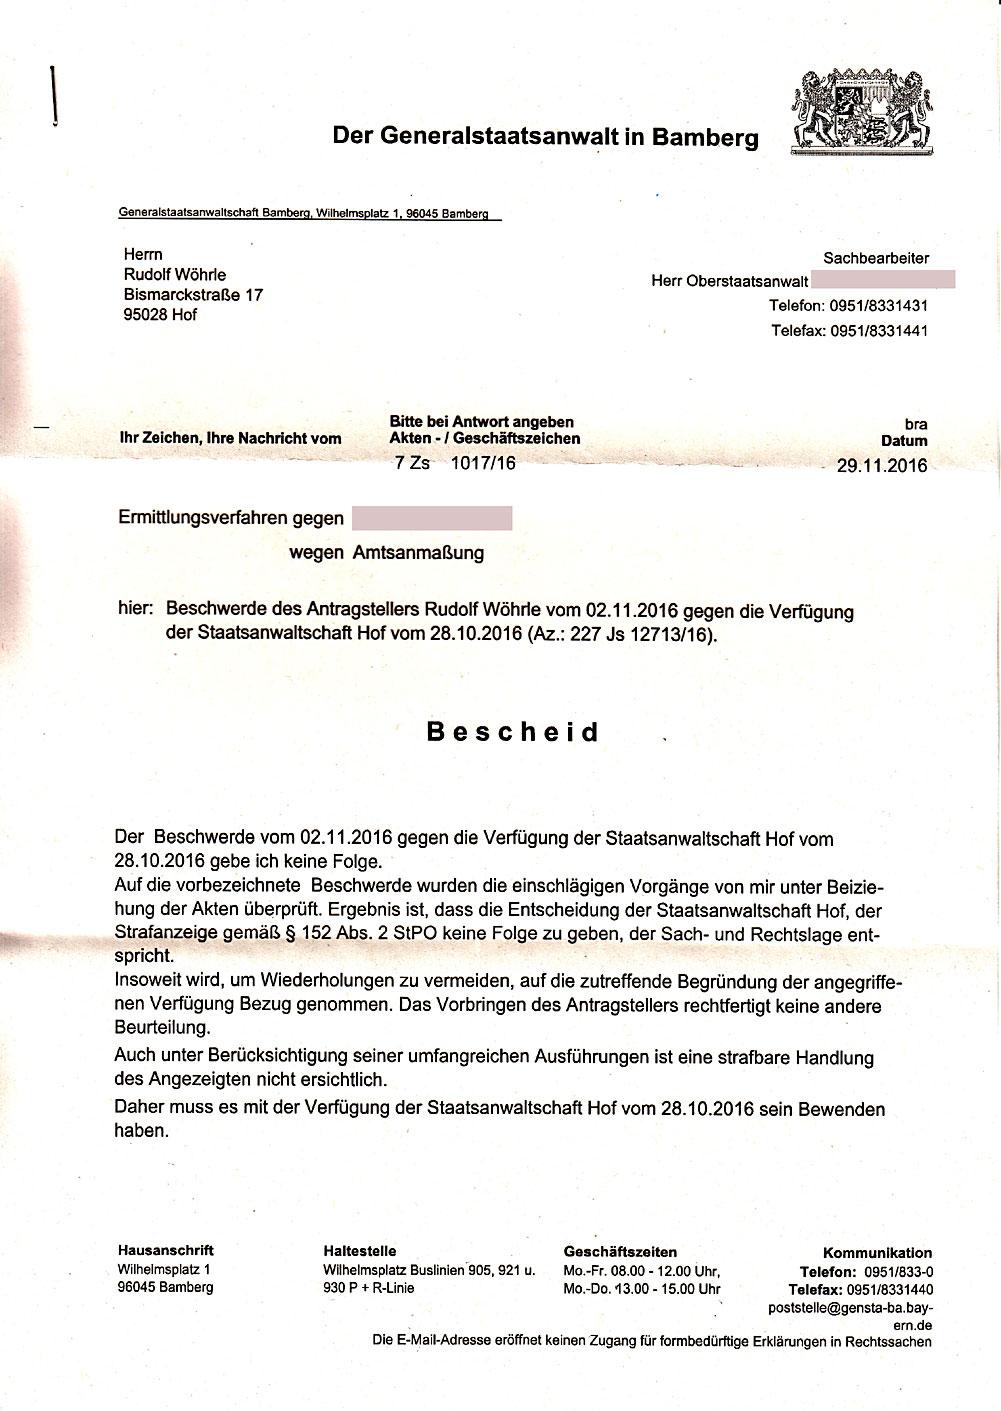 Die Generalstaatsanwaltschaft Bamberg | Rundfunkbeitrag nicht zahlen